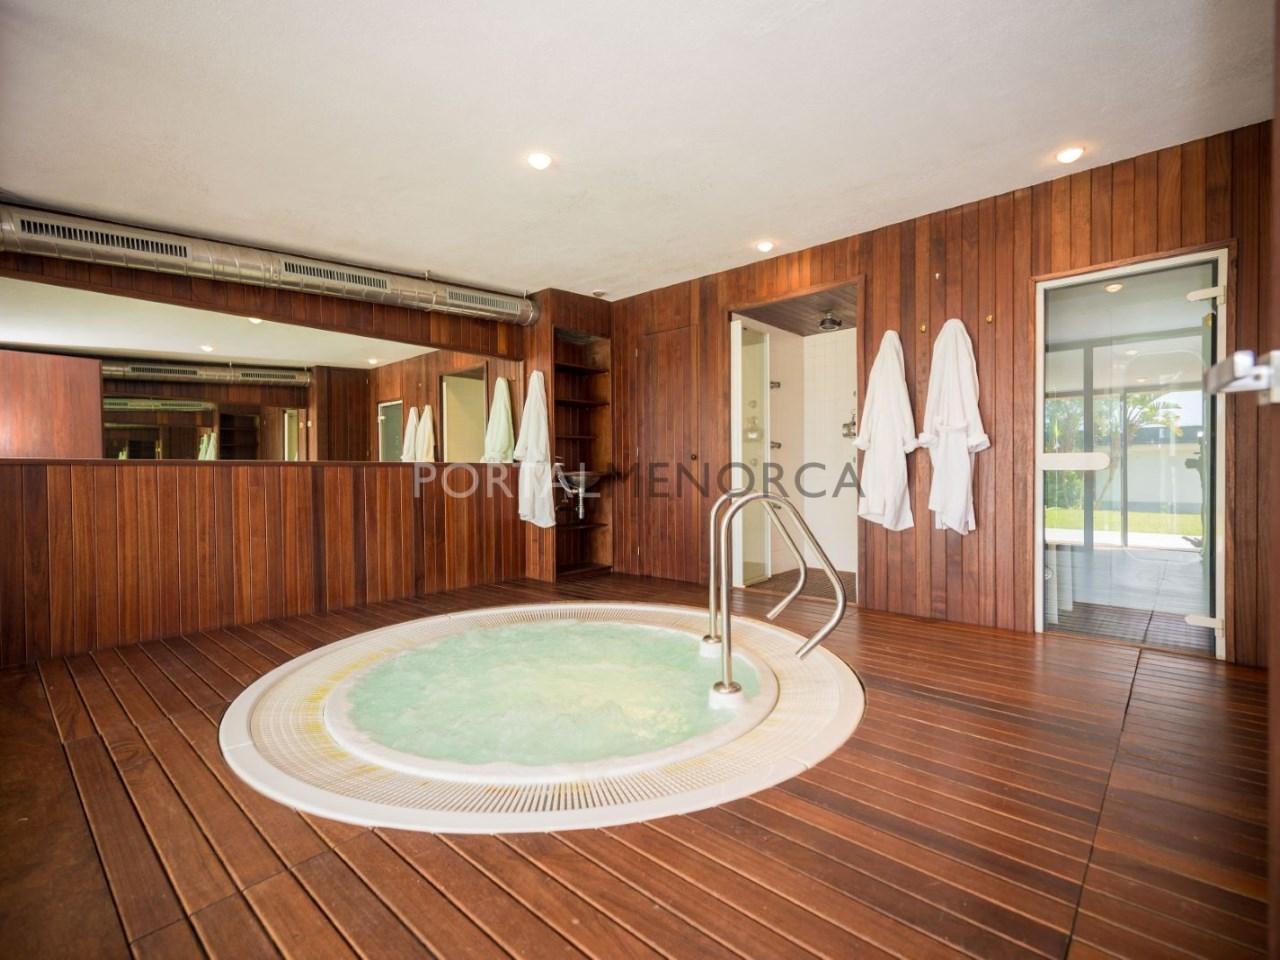 luxury-house-cala-llonga-menorca (8)